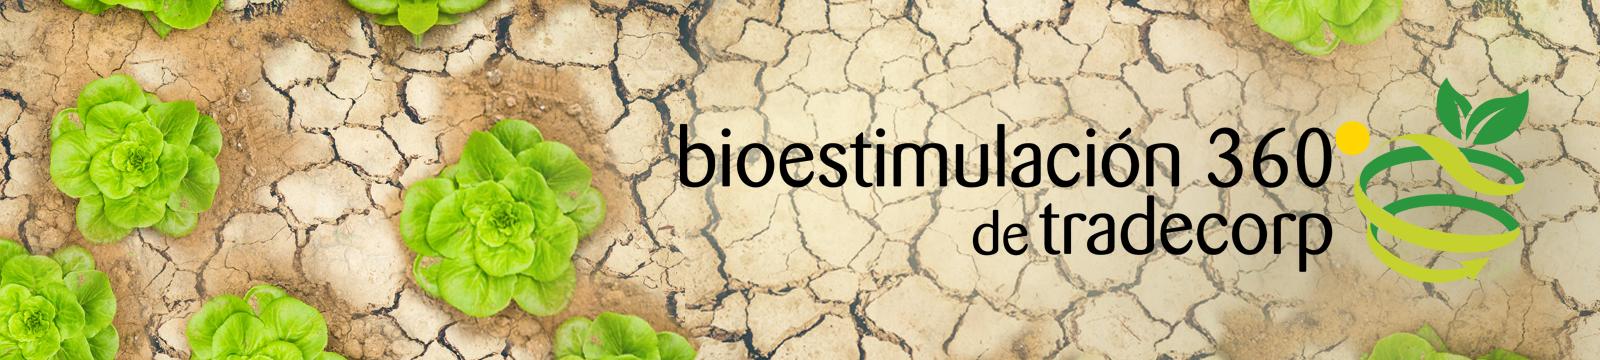 Tradecorp presenta Bioestimulación 360º